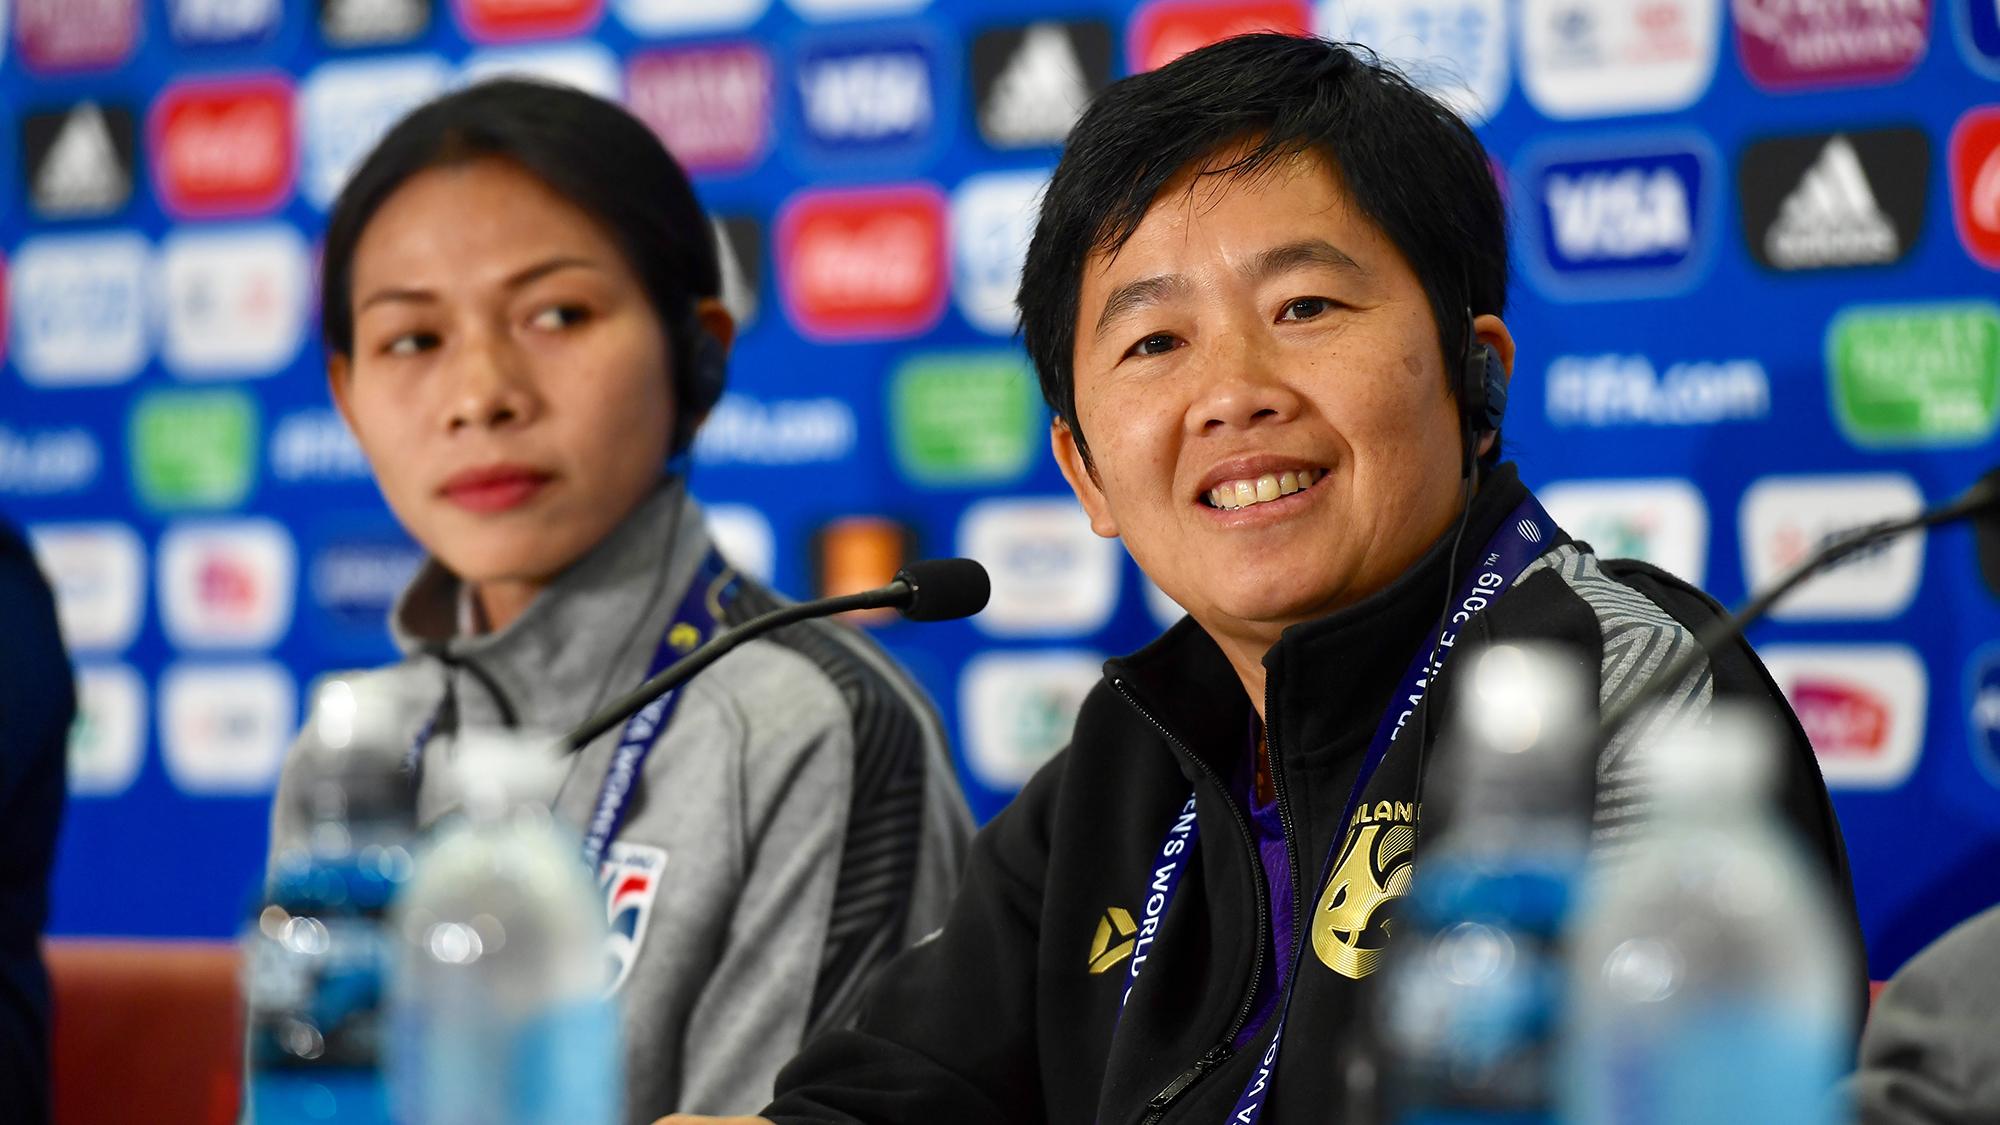 ทีมชาติสวีเดน ฟุตบอลหญิงชิงแชมป์โลก 2019 ฟุตบอลหญิงทีมชาติไทย ฟุตบอลโลกหญิง 2019 หนึ่งฤทัย สระทองเวียน